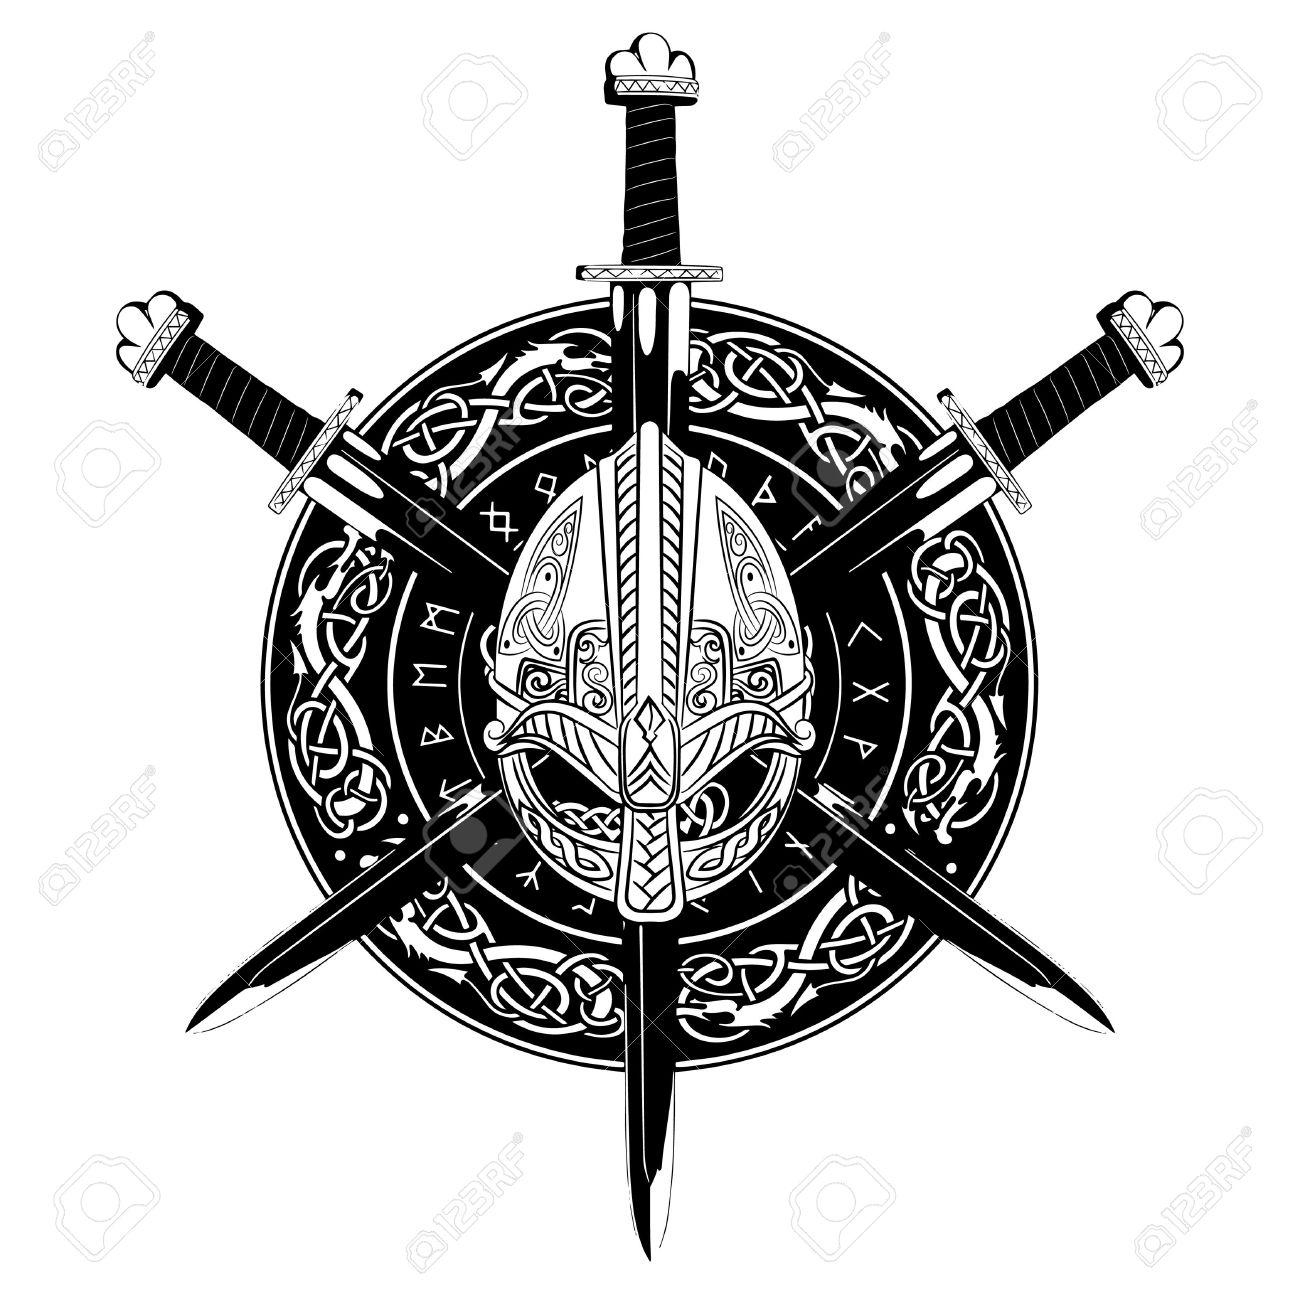 Viking Helmet Crossed Sword And In A Wreath Of Scandinavian